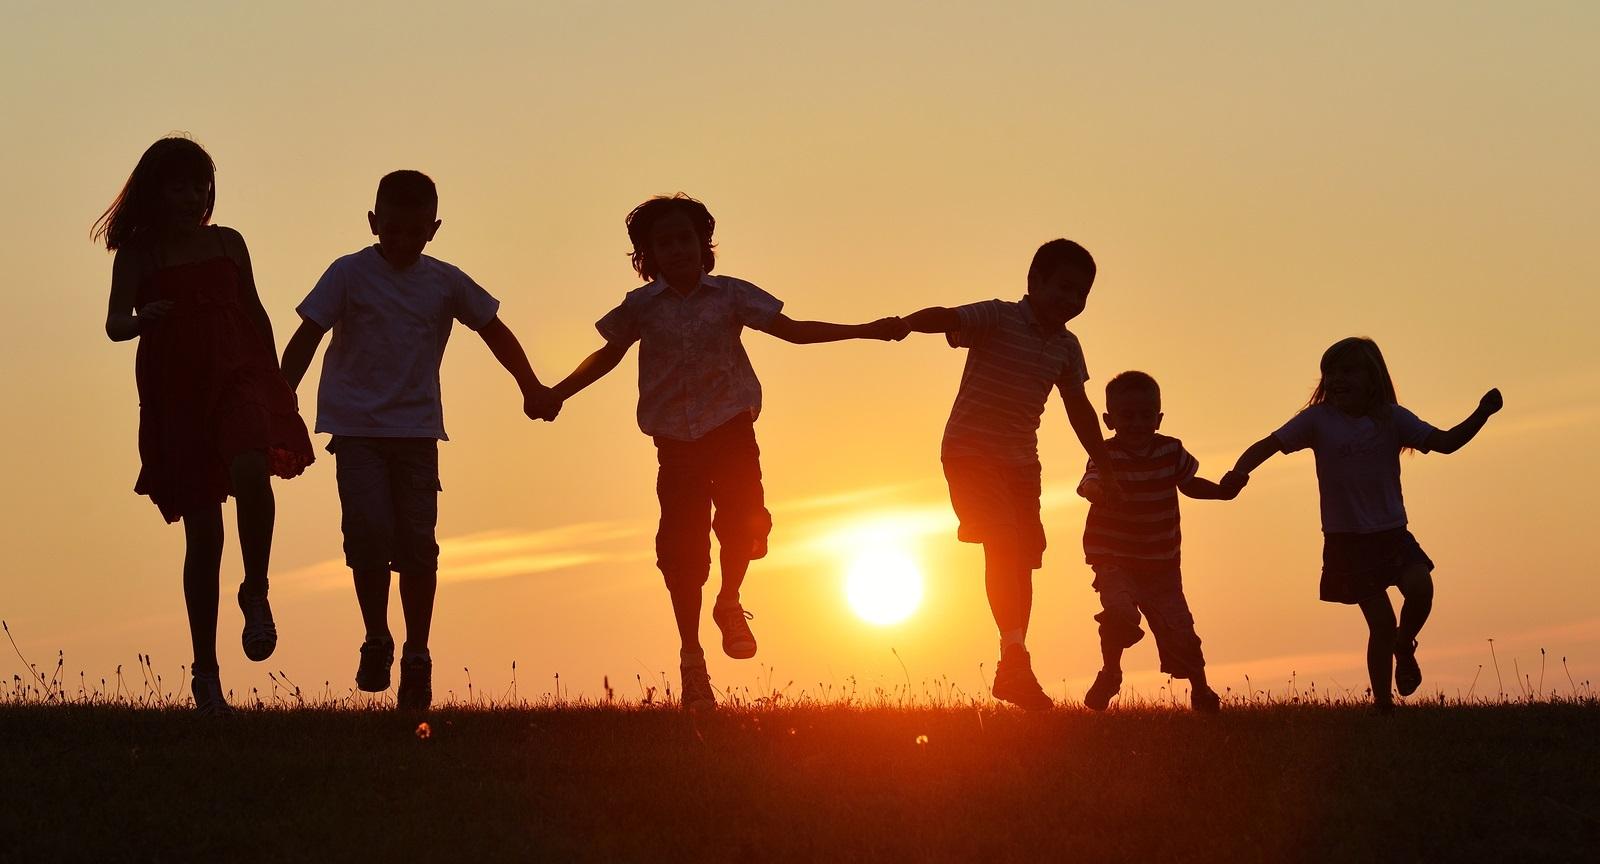 I bambini vanno educati alla felicit non alla perfezione - Immagini di cicogne che portano bambini ...